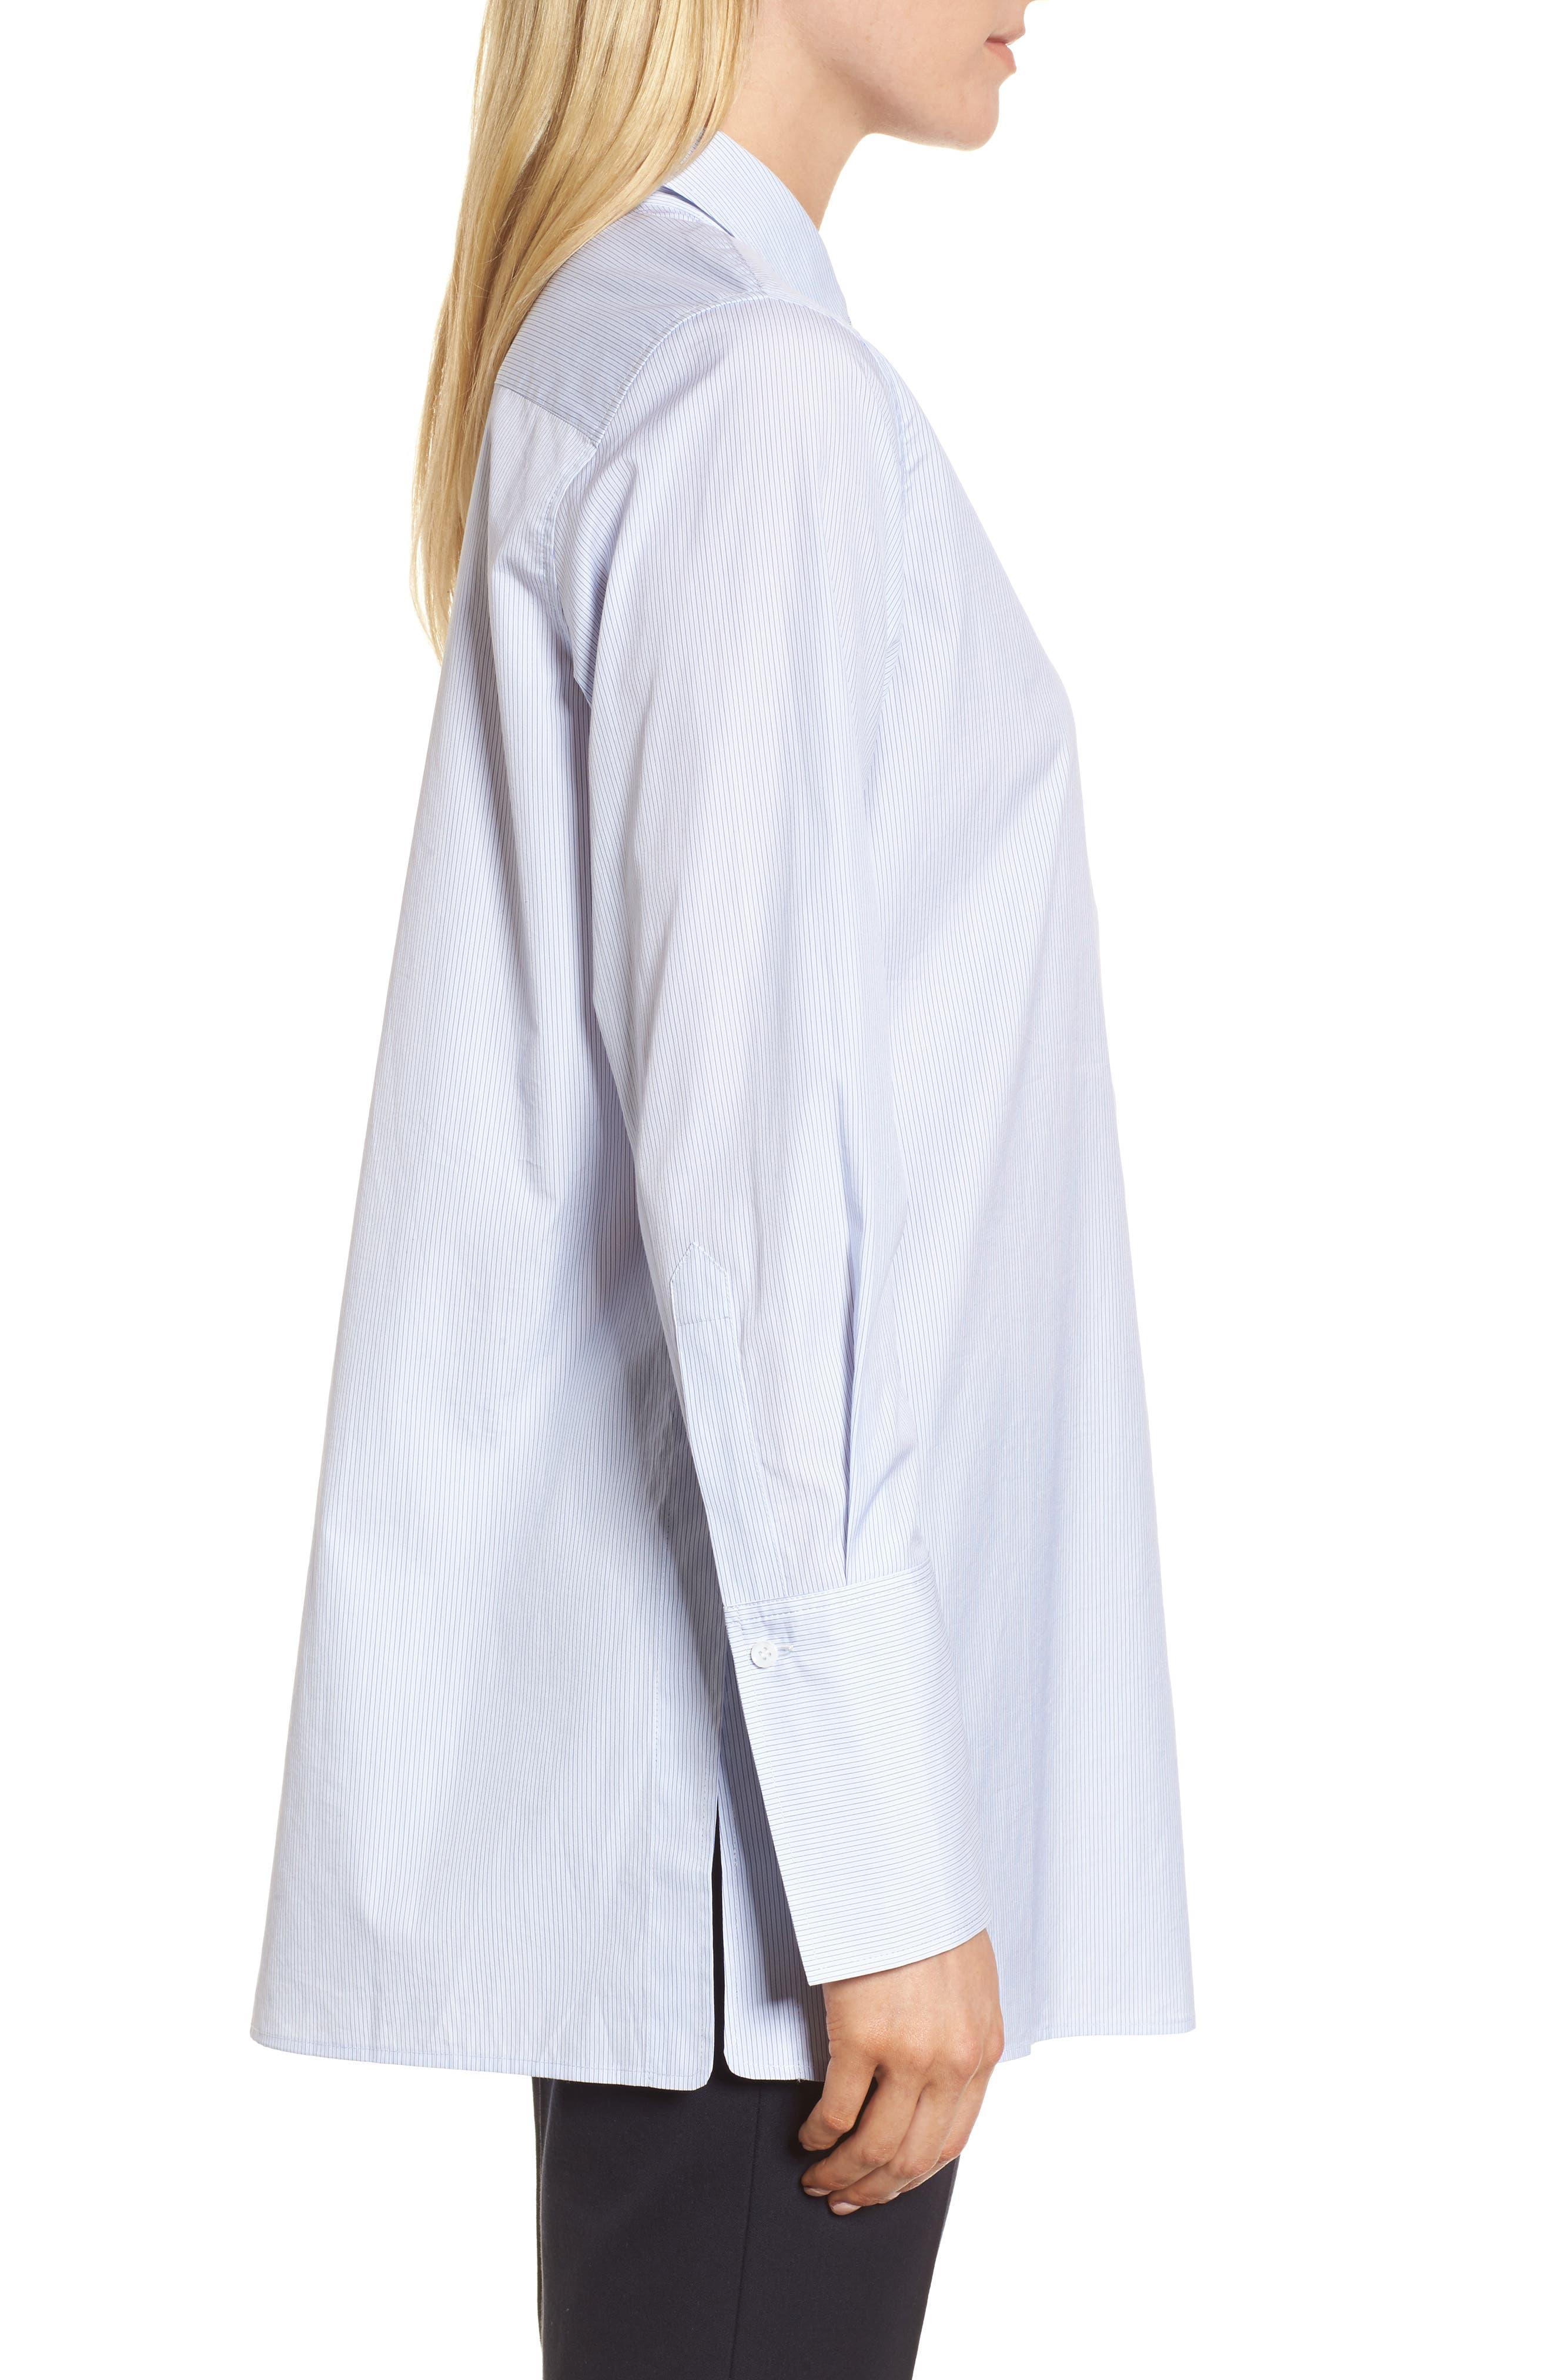 Popover Poplin Shirt,                             Alternate thumbnail 3, color,                             Blue- White Stripe